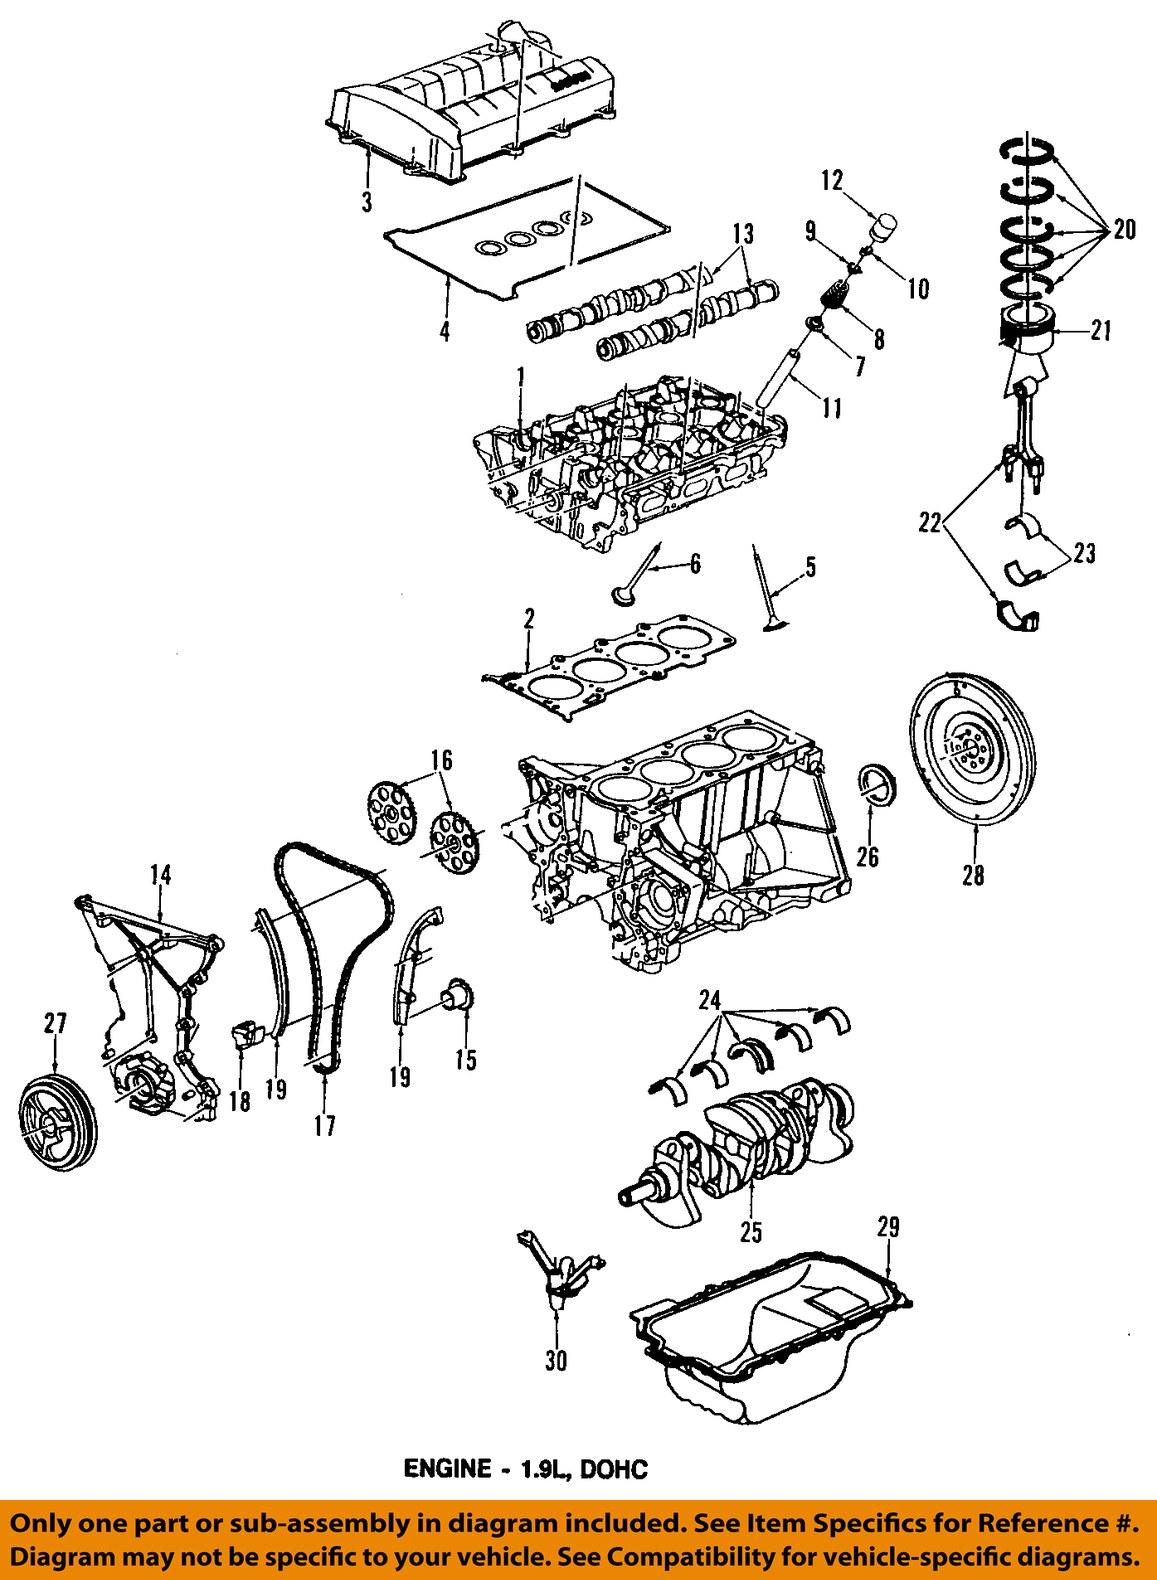 1999 saturn sl2 ignition wiring diagram ge refrigerator dohc engine 1 9